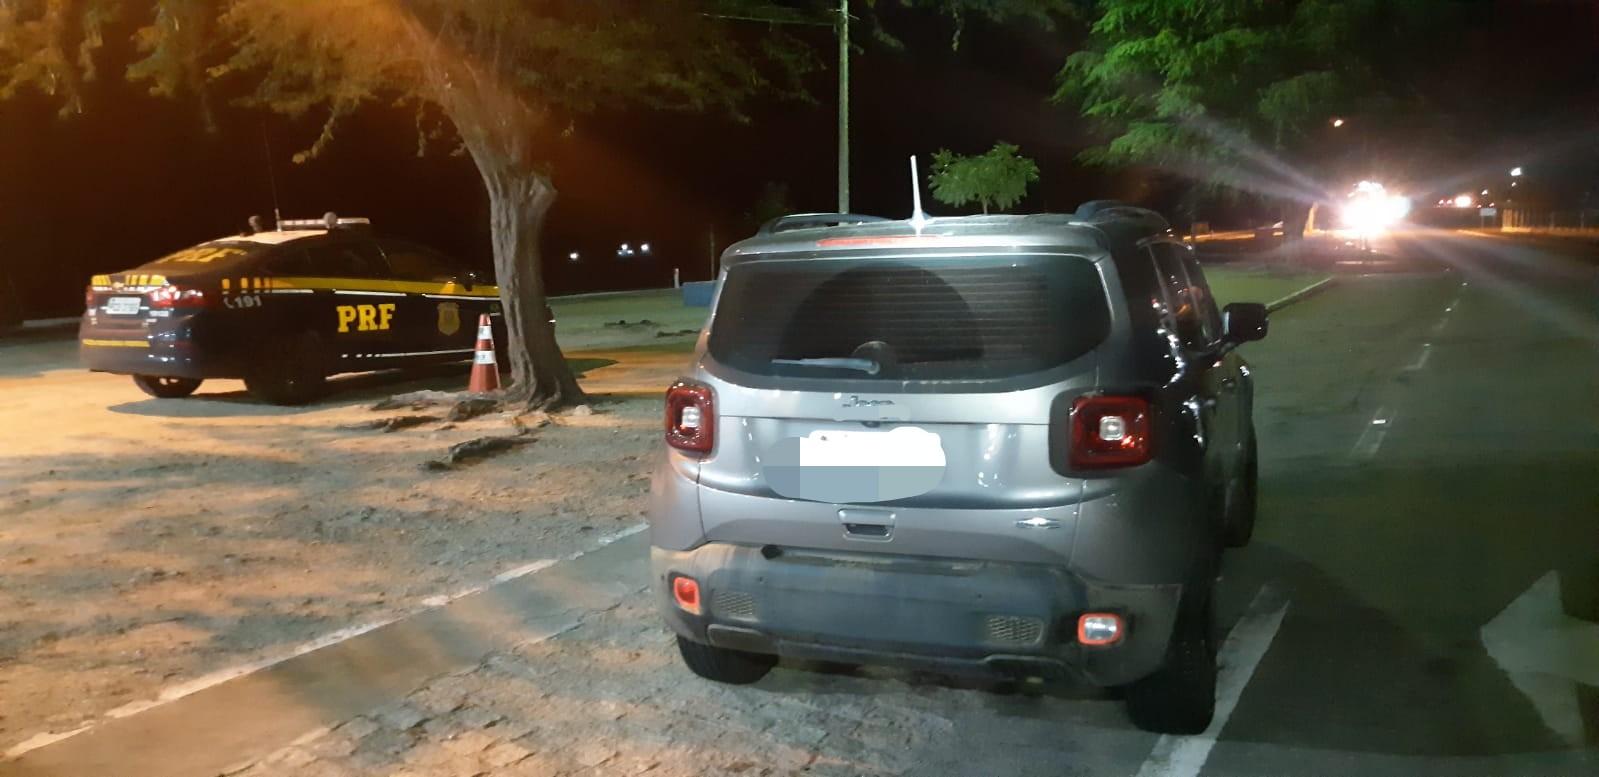 Veículo havia sido roubado em abril do ano passado em Maceió. (PRF/Divulgação)